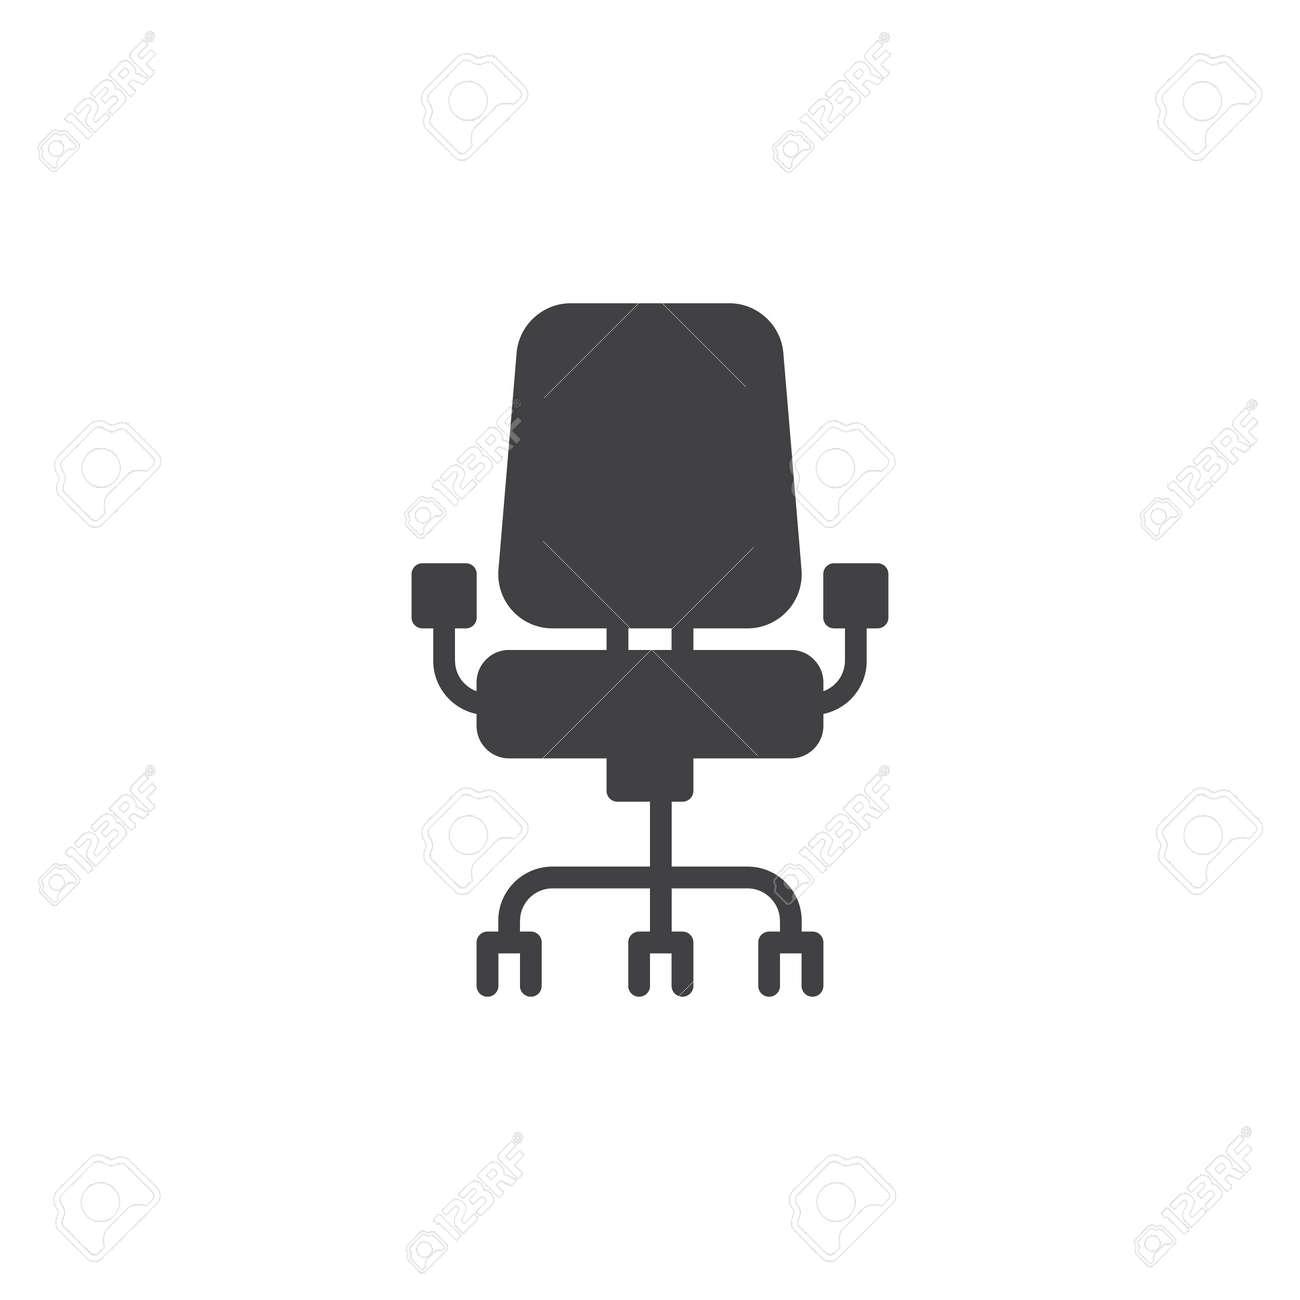 Vecteur chaise de bureaurempli parfait solide de sur logoPixel d'icône signe blancSymboleillustration de de isolé platpictogramme SUMqjzVGLp